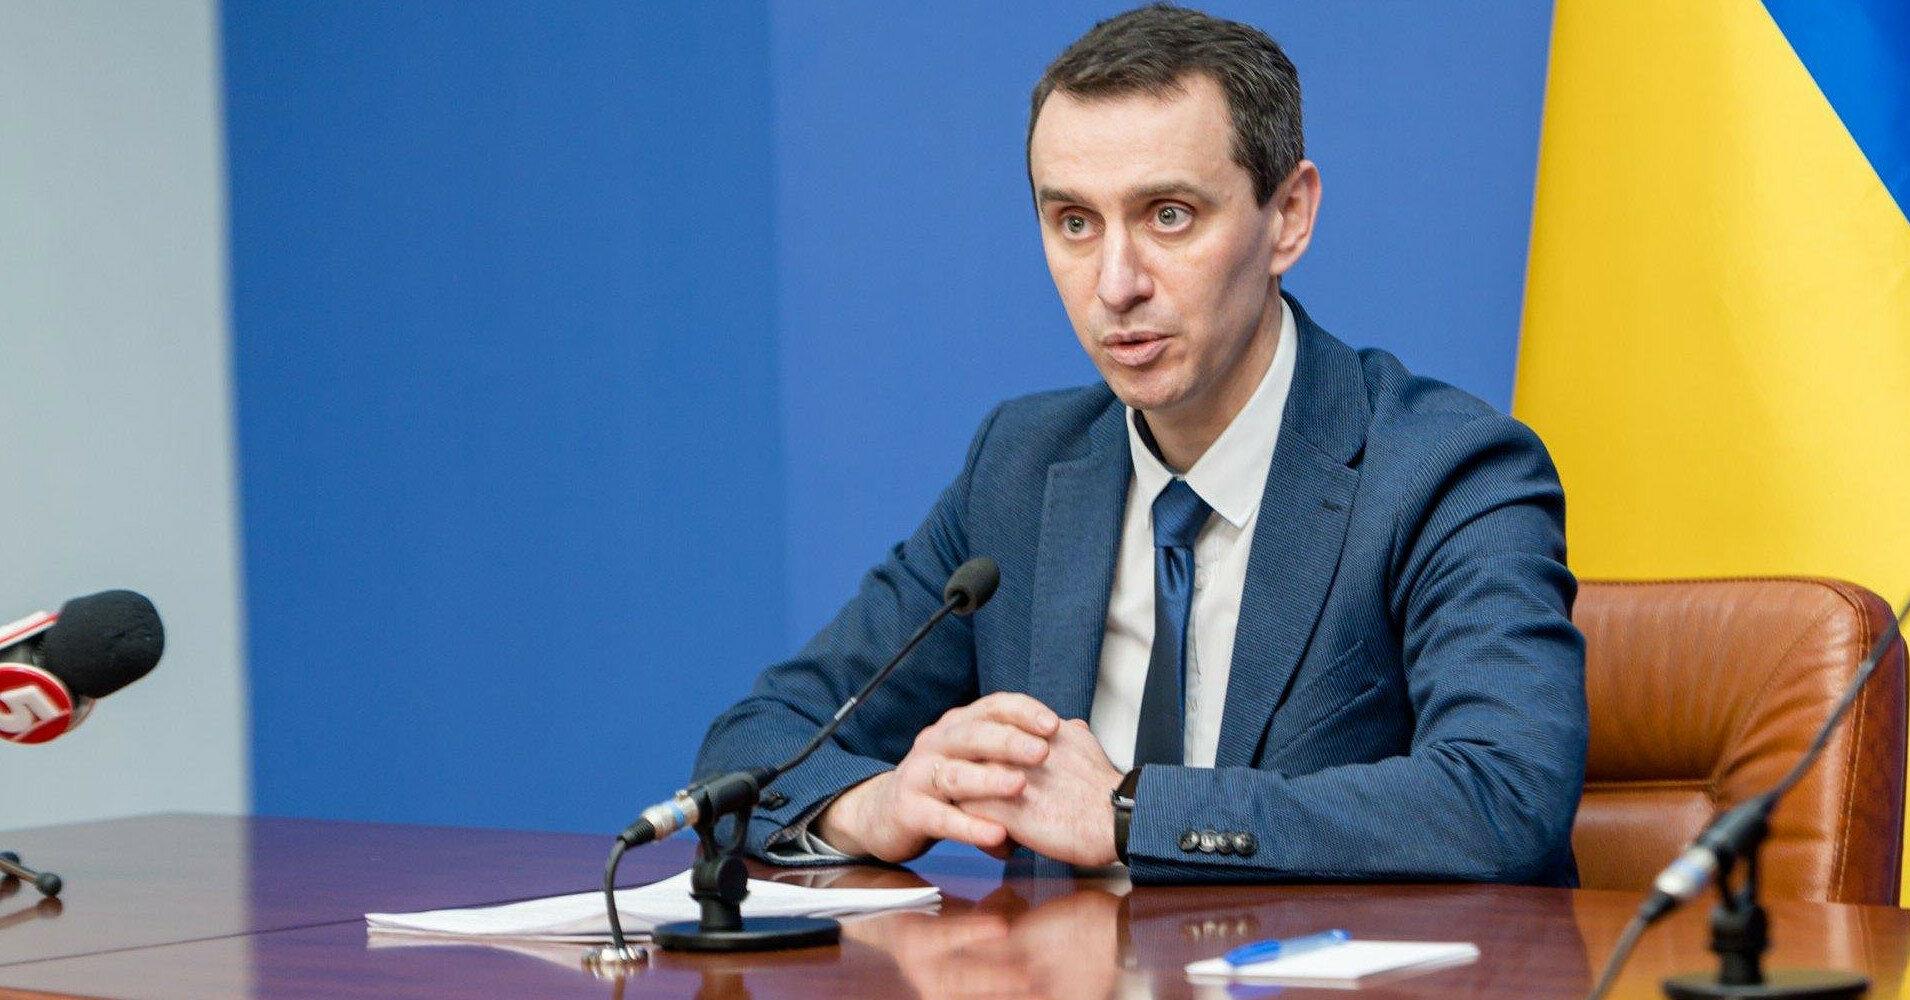 Украинские СOVID-сертификаты одними из первых признают в ЕС – Ляшко